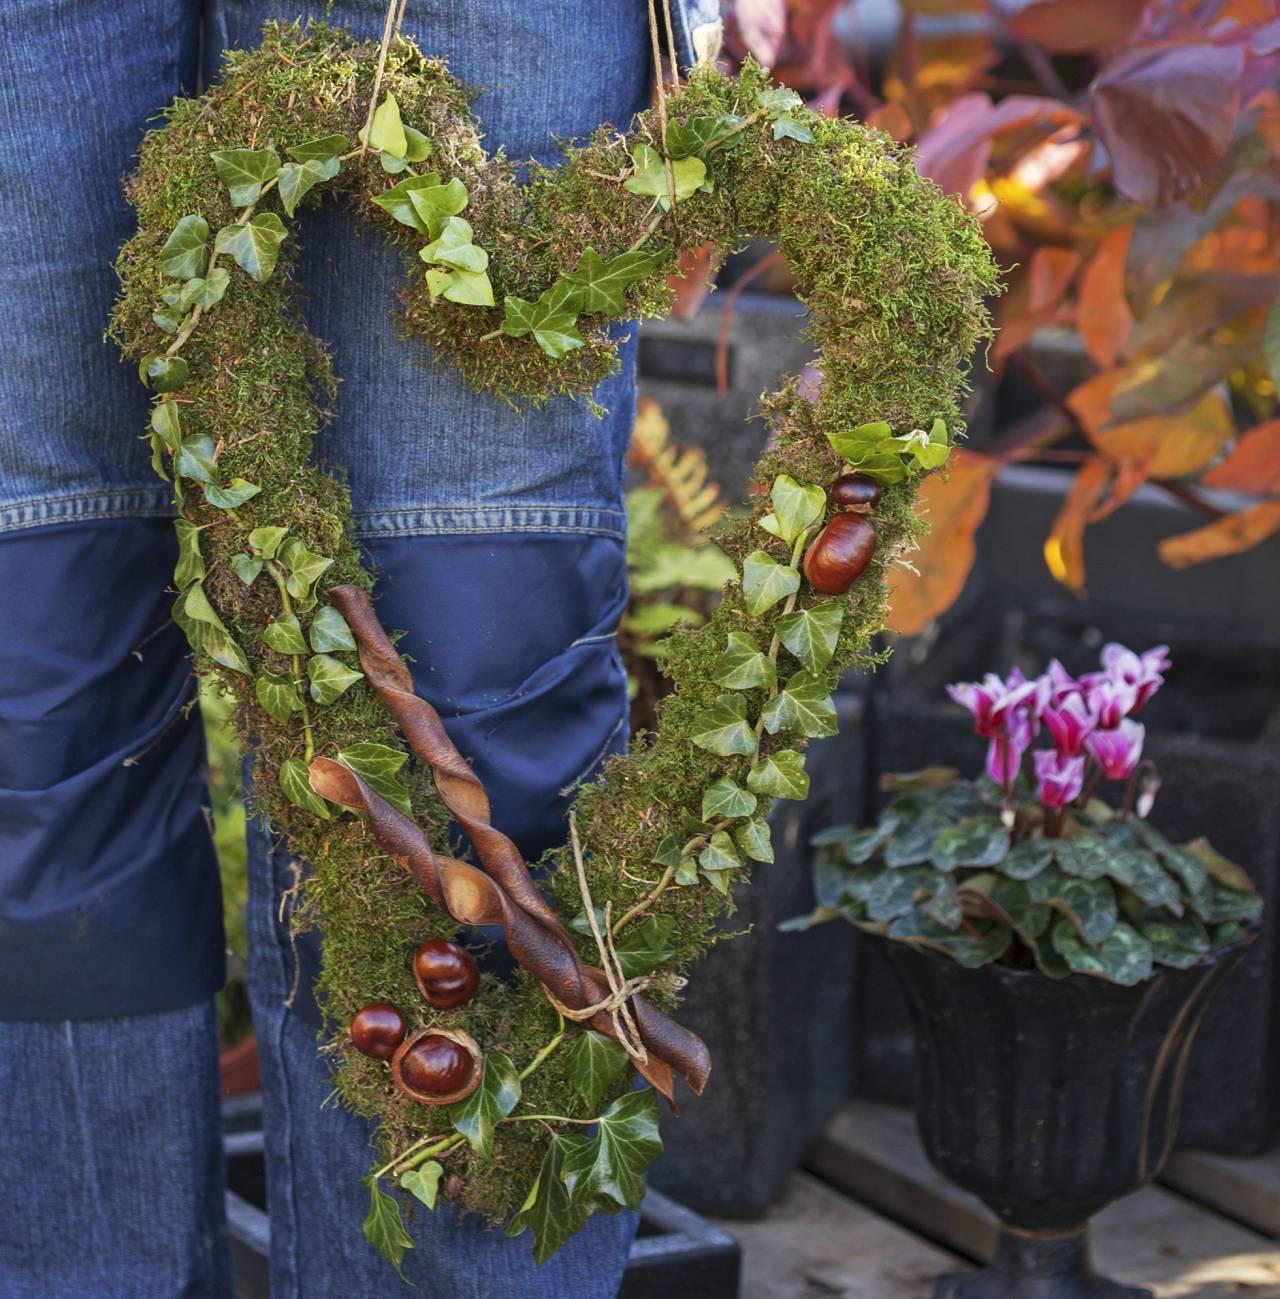 Hjärta av grönt dekorerat med kastanjer och murgröna